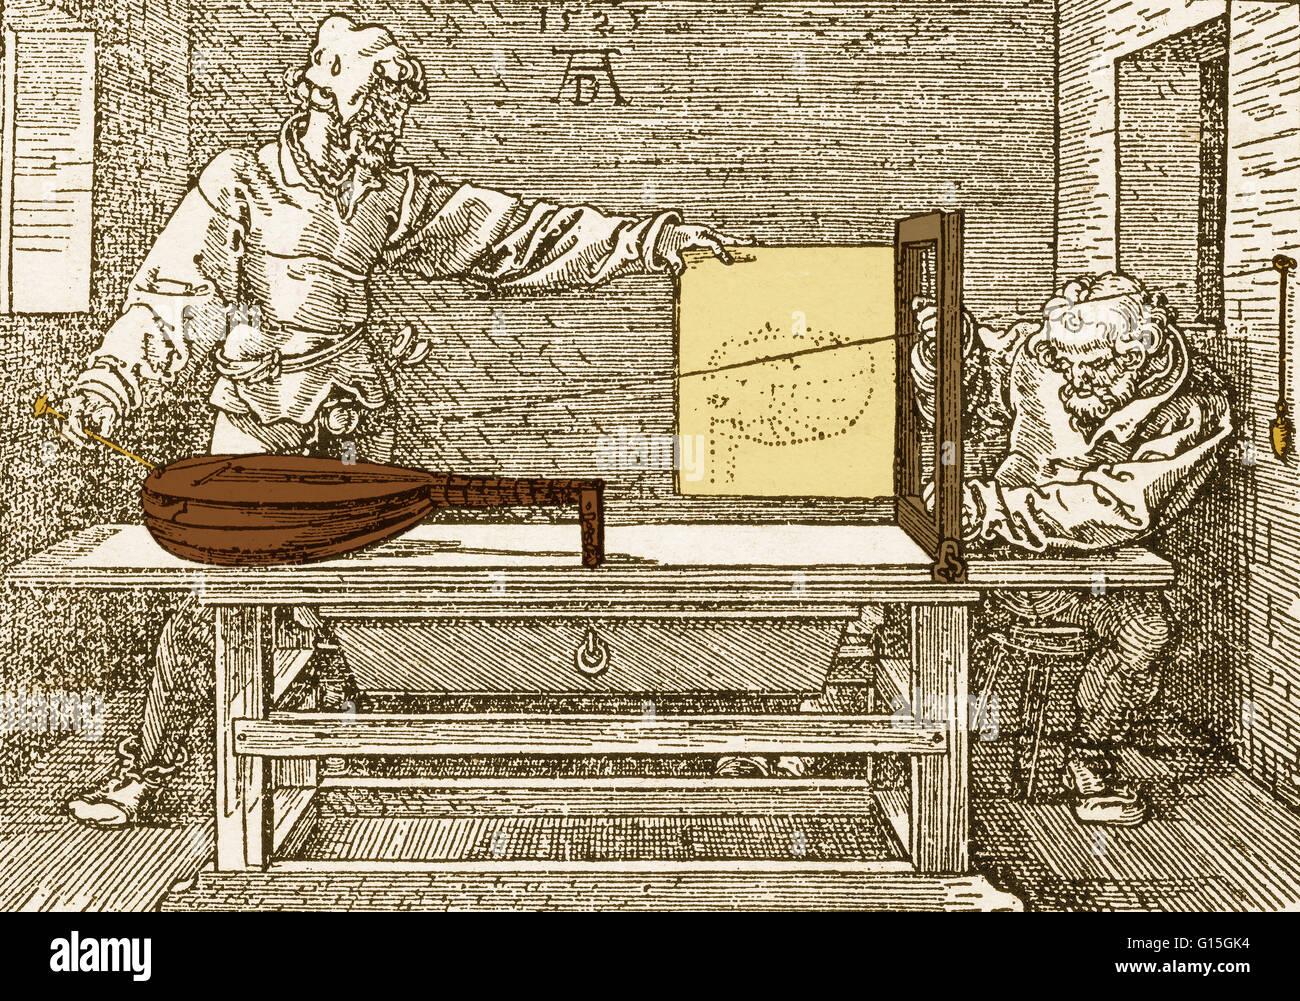 """Ein Kupferstich von Albrecht Dürer (1478-1528), """"Demonstration der perspektivisches Zeichnen einer Laute"""" Stockbild"""